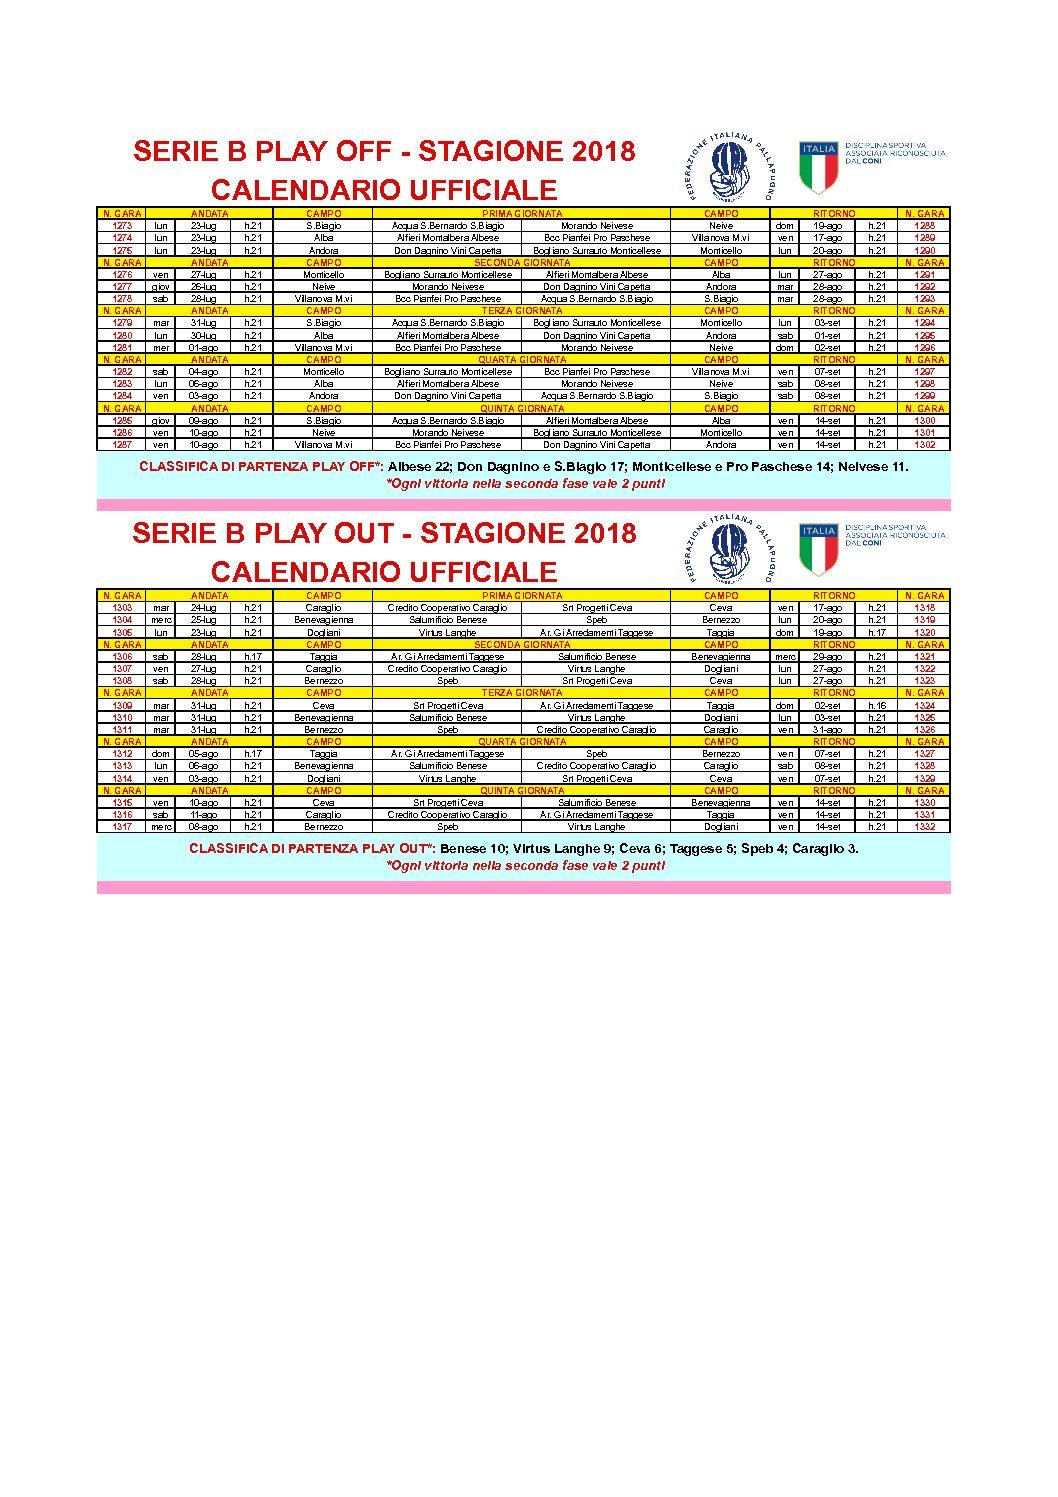 Calendario Play Off Serie B.Serie B Ii Fase Calendario Ufficiale2018 Losferisterio